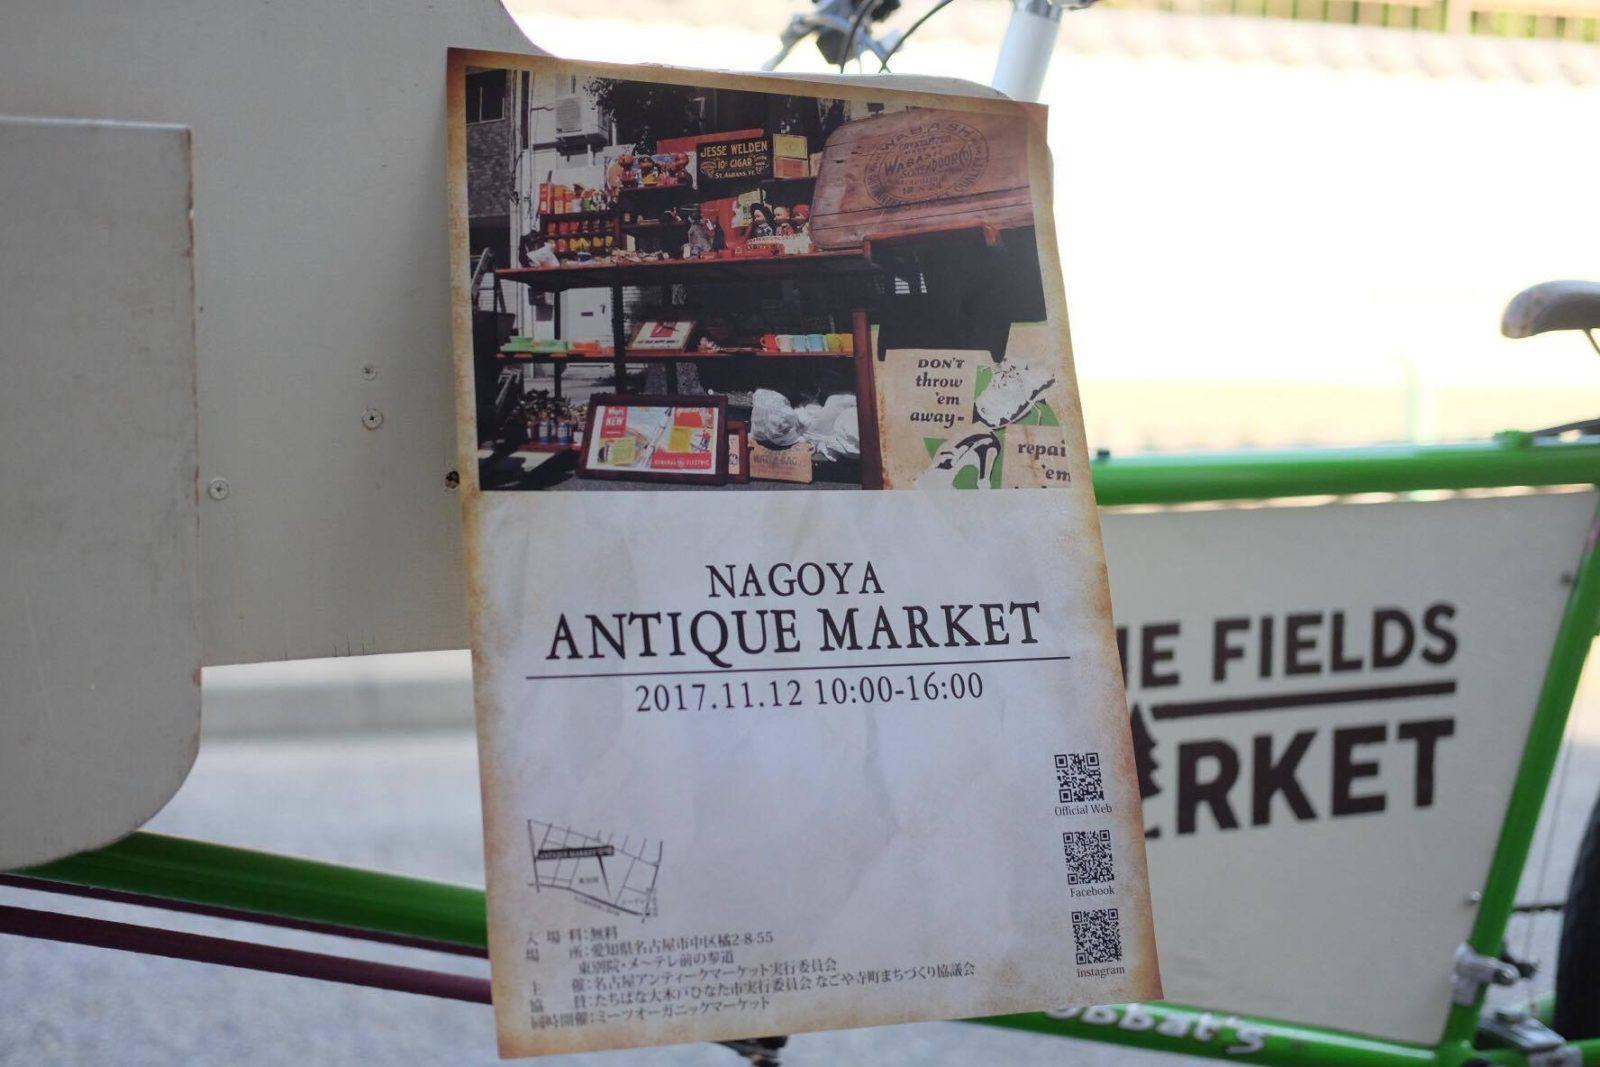 Nagoya Antique Market